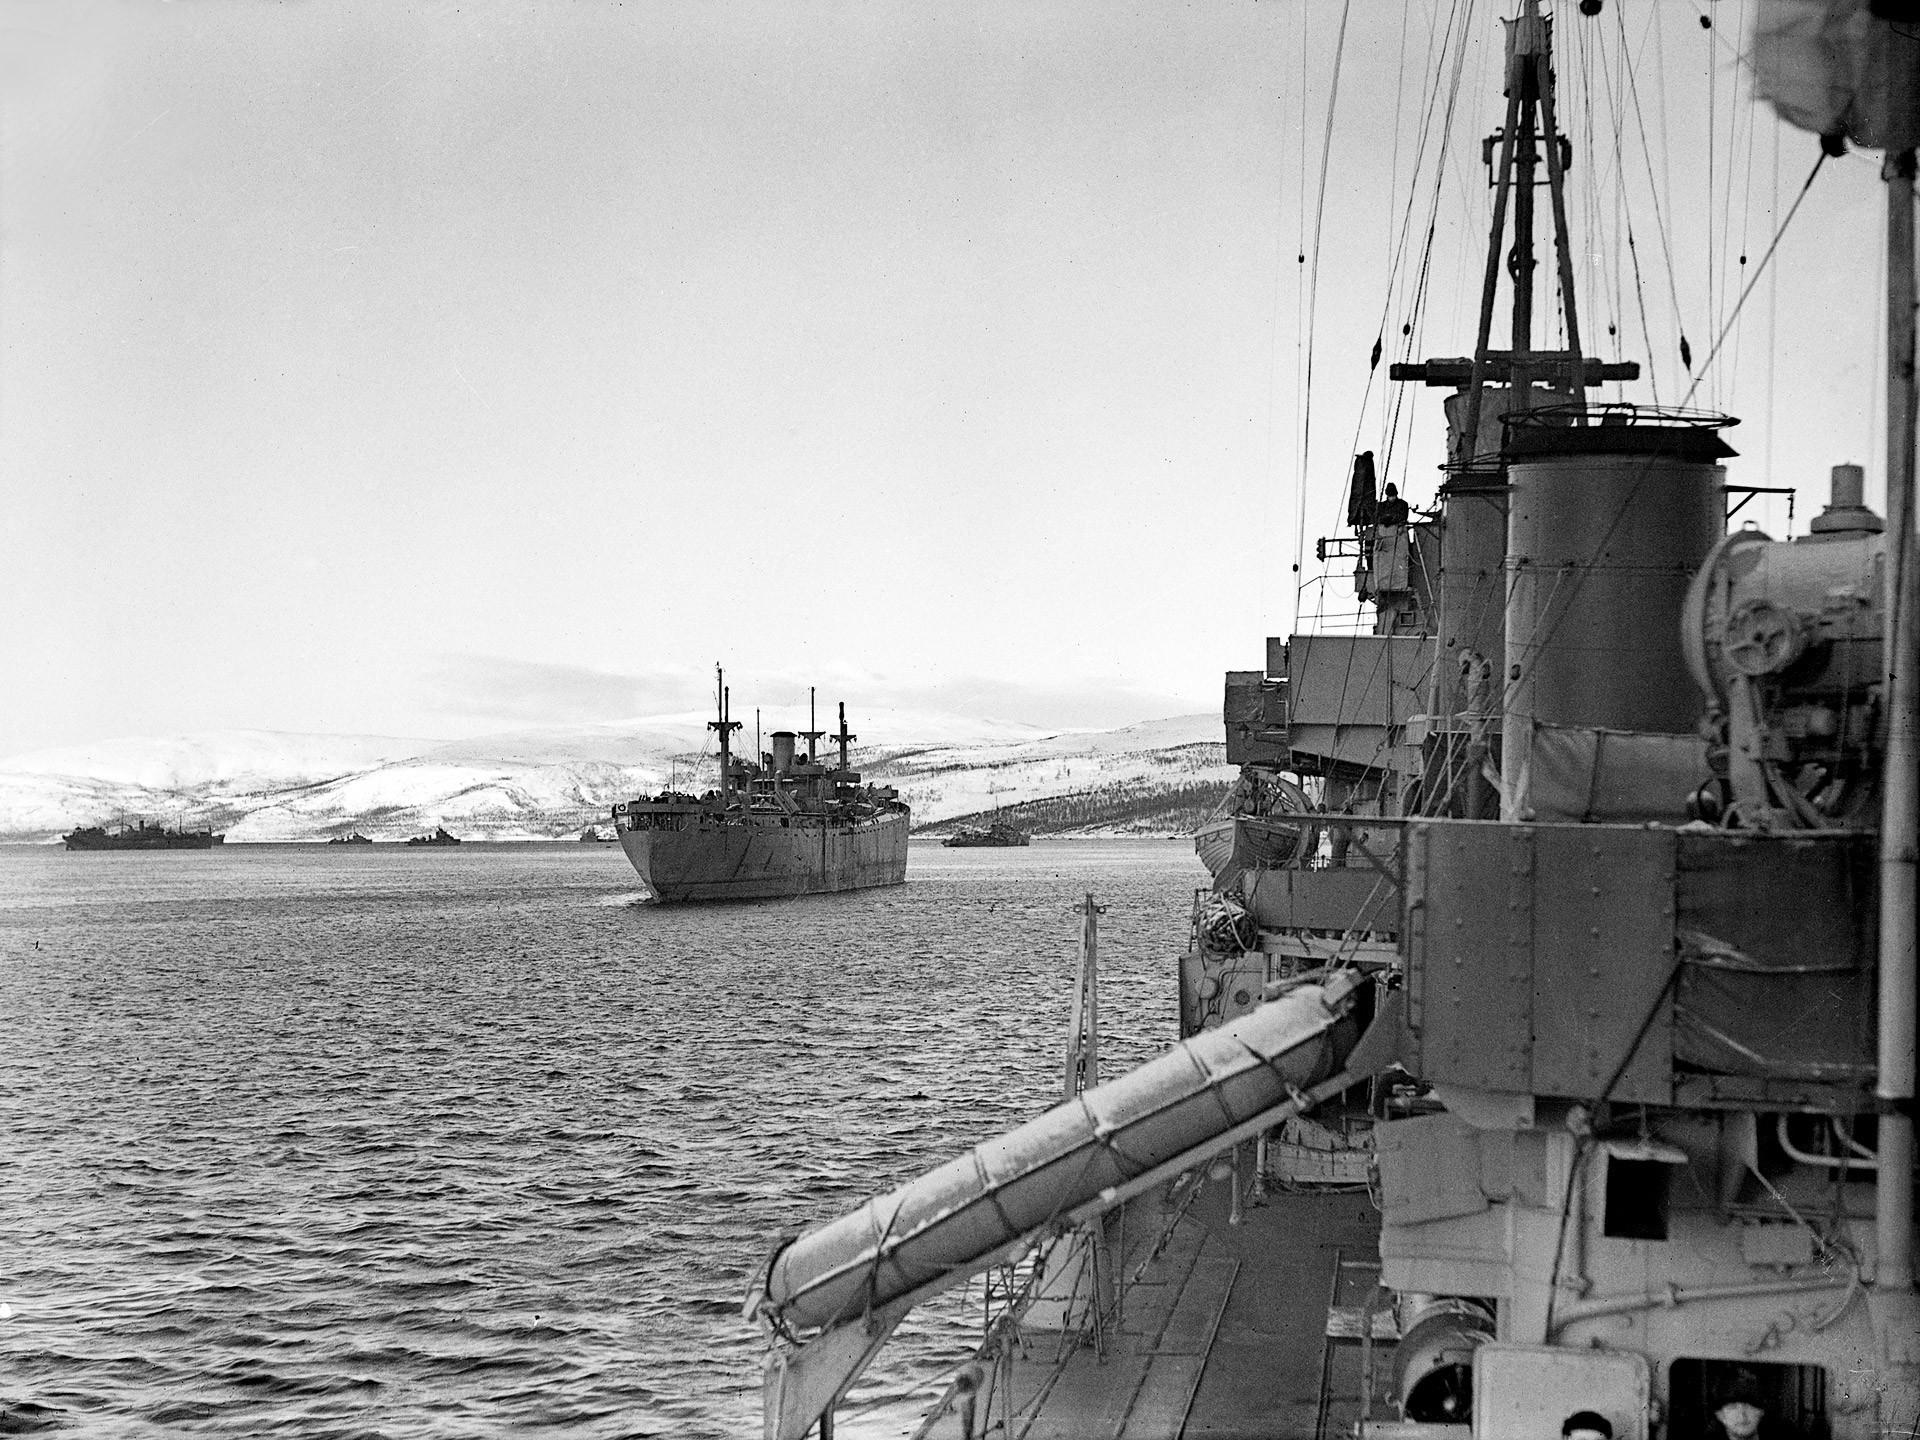 Konvoj RA-53 isplovljava iz Kolskog zaljeva, 1. ožujak 1943. godine.